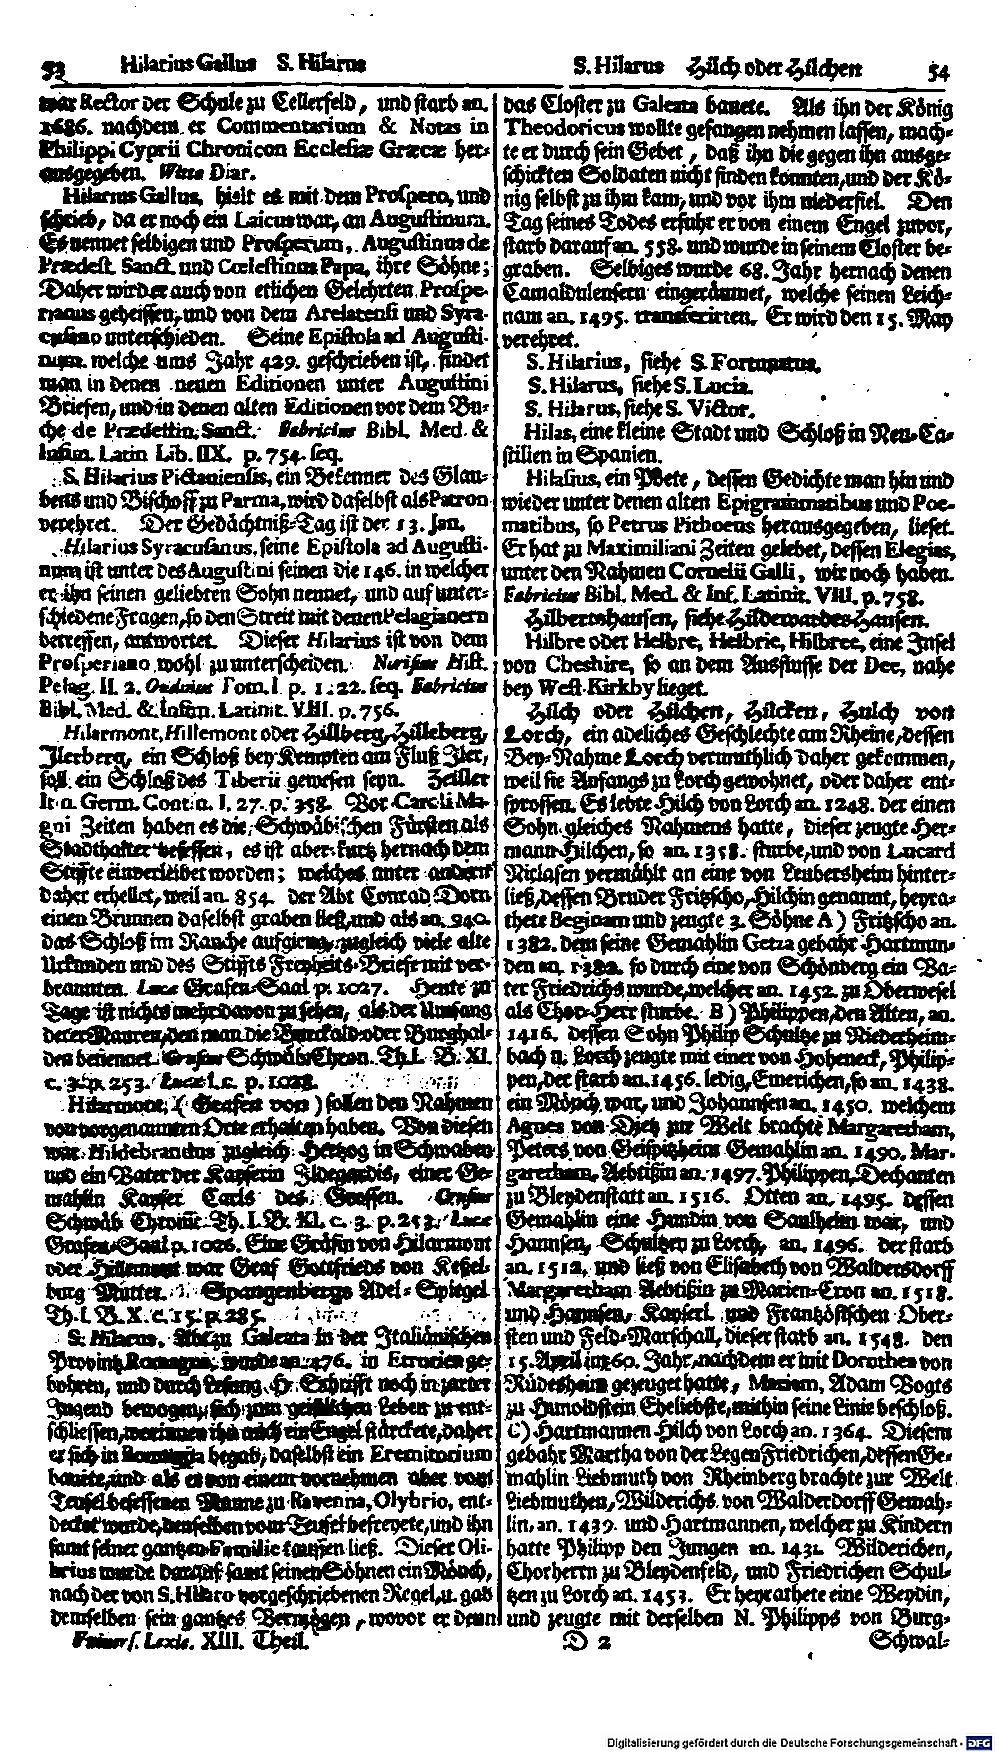 Bd. 13, Seite 0040.